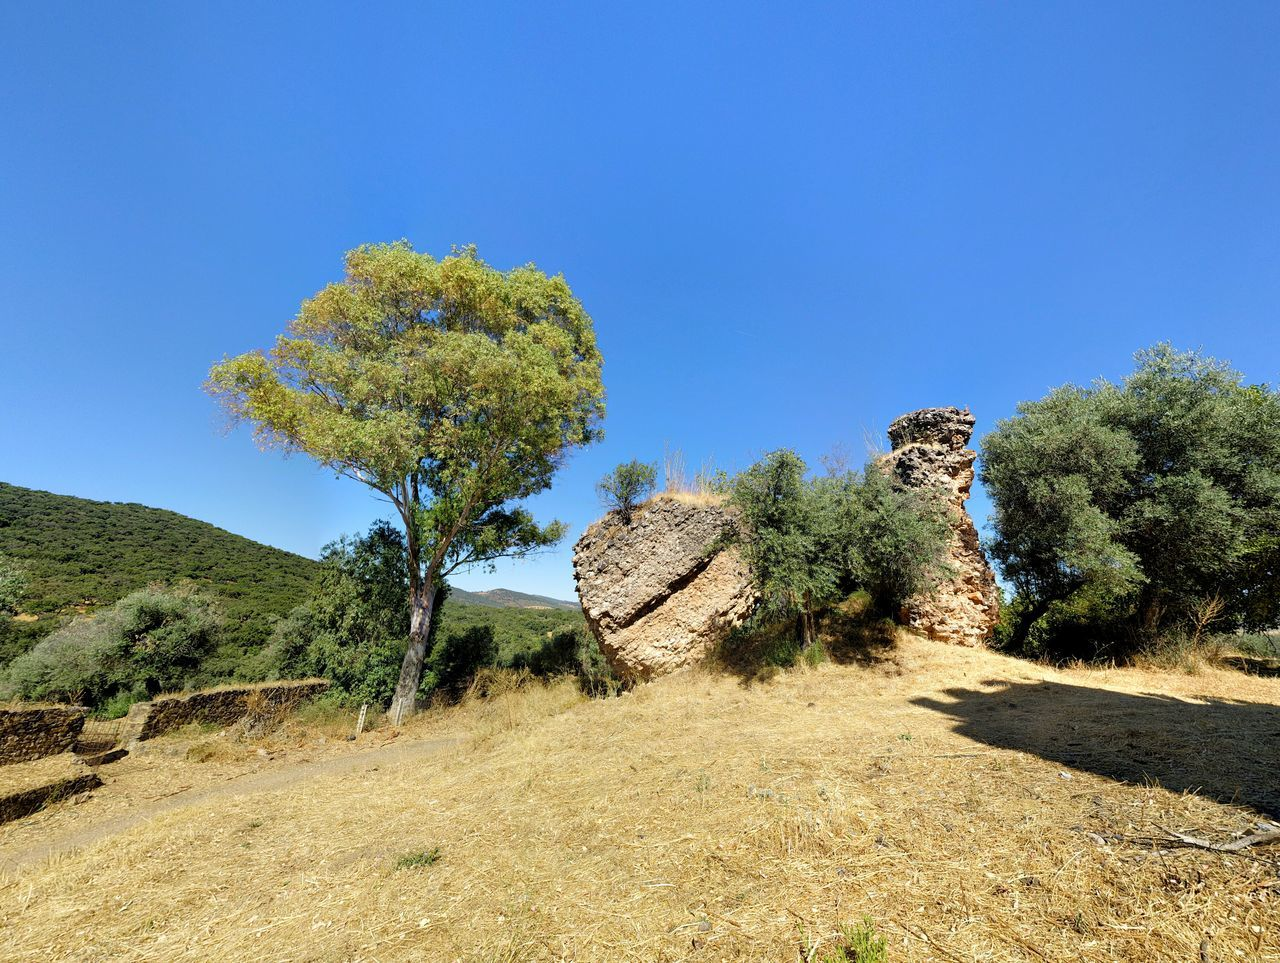 Ruins of the Beltraneja Castle ⏺ Ruinas del Castillo de la Beltraneja La Codosera Ruins Ruinas Castle Castillo Beltraneja Extremadura SPAIN España Summer Verano Agoust Agosto 2016